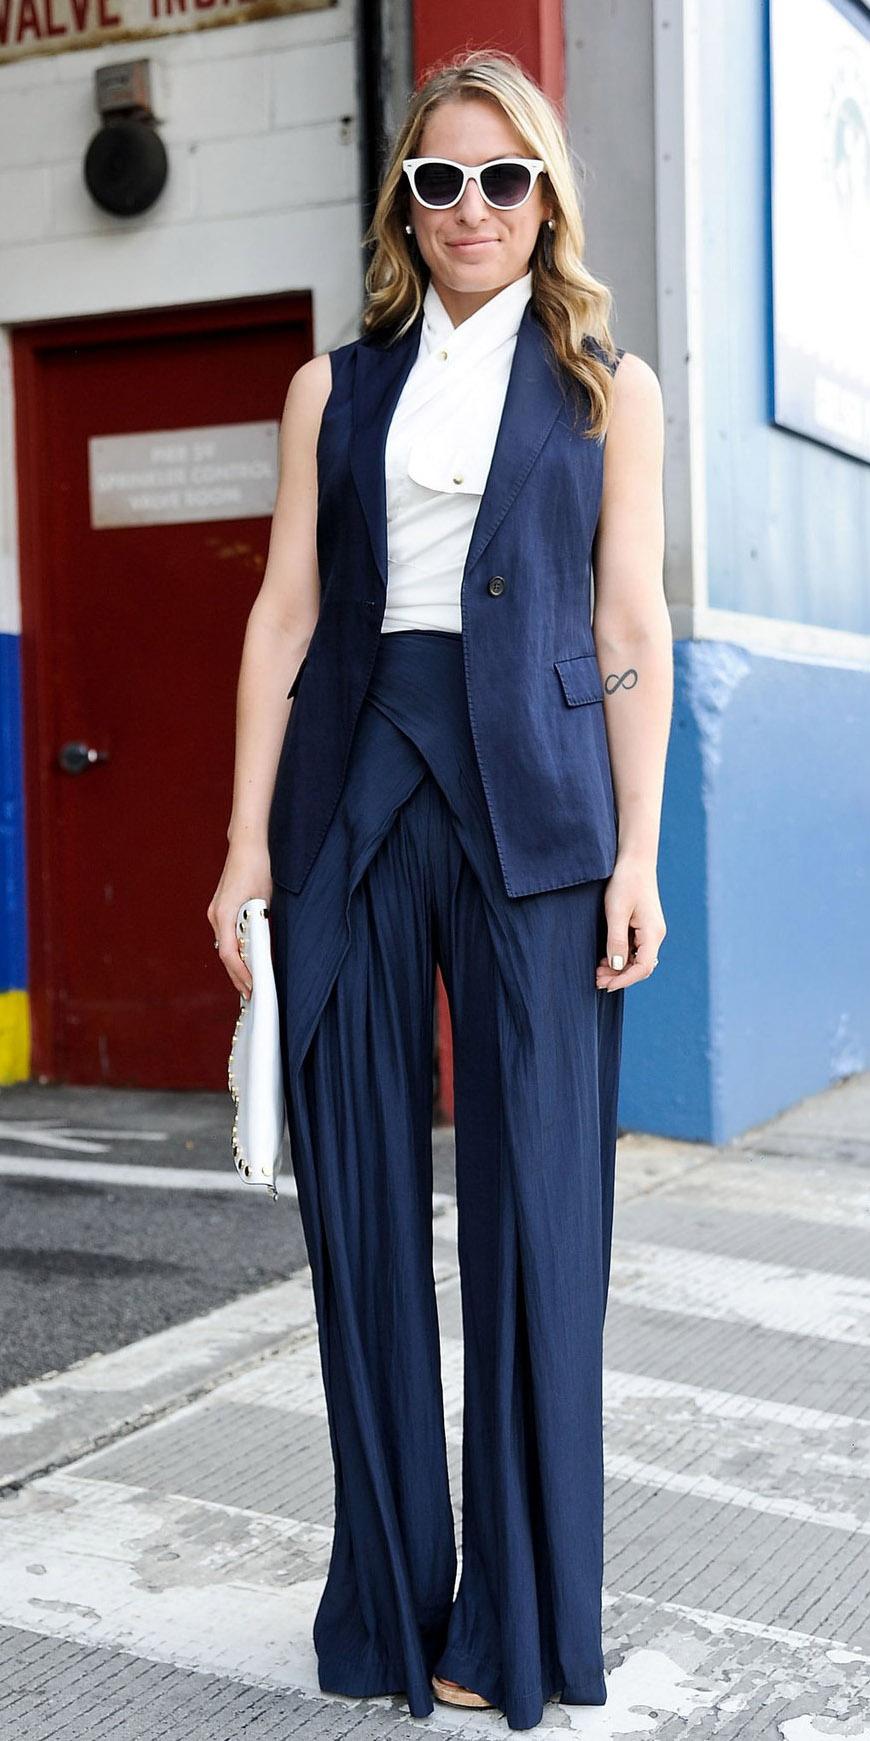 542813875b blue-navy-wideleg-pants-white-top-sun-blonde-